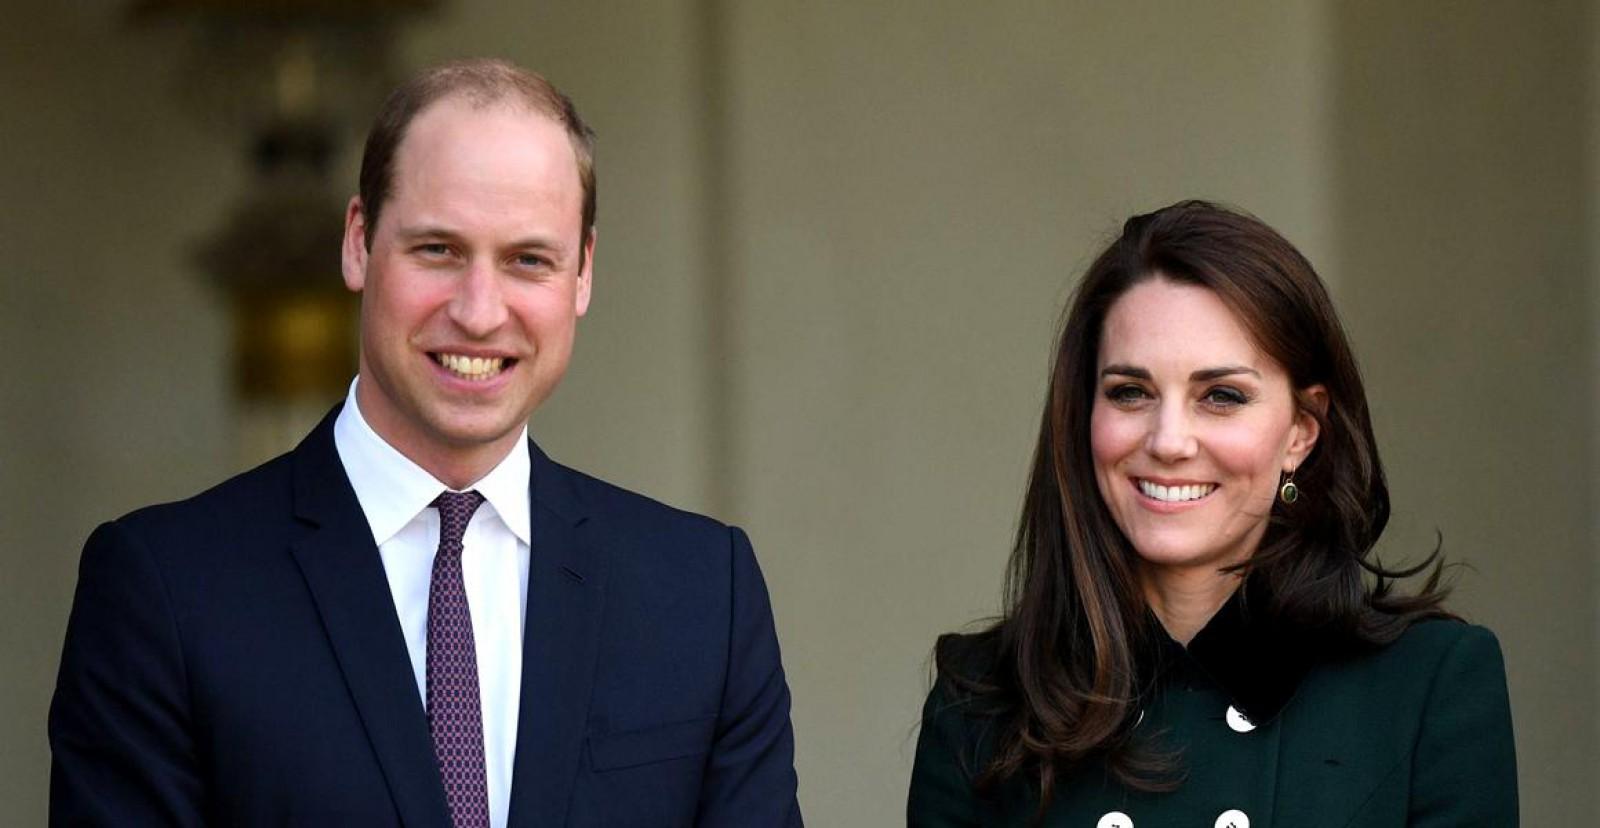 Prințul William va fi primul moștenitor al coroanei regale britanice care vizitează Israelul și Palestina